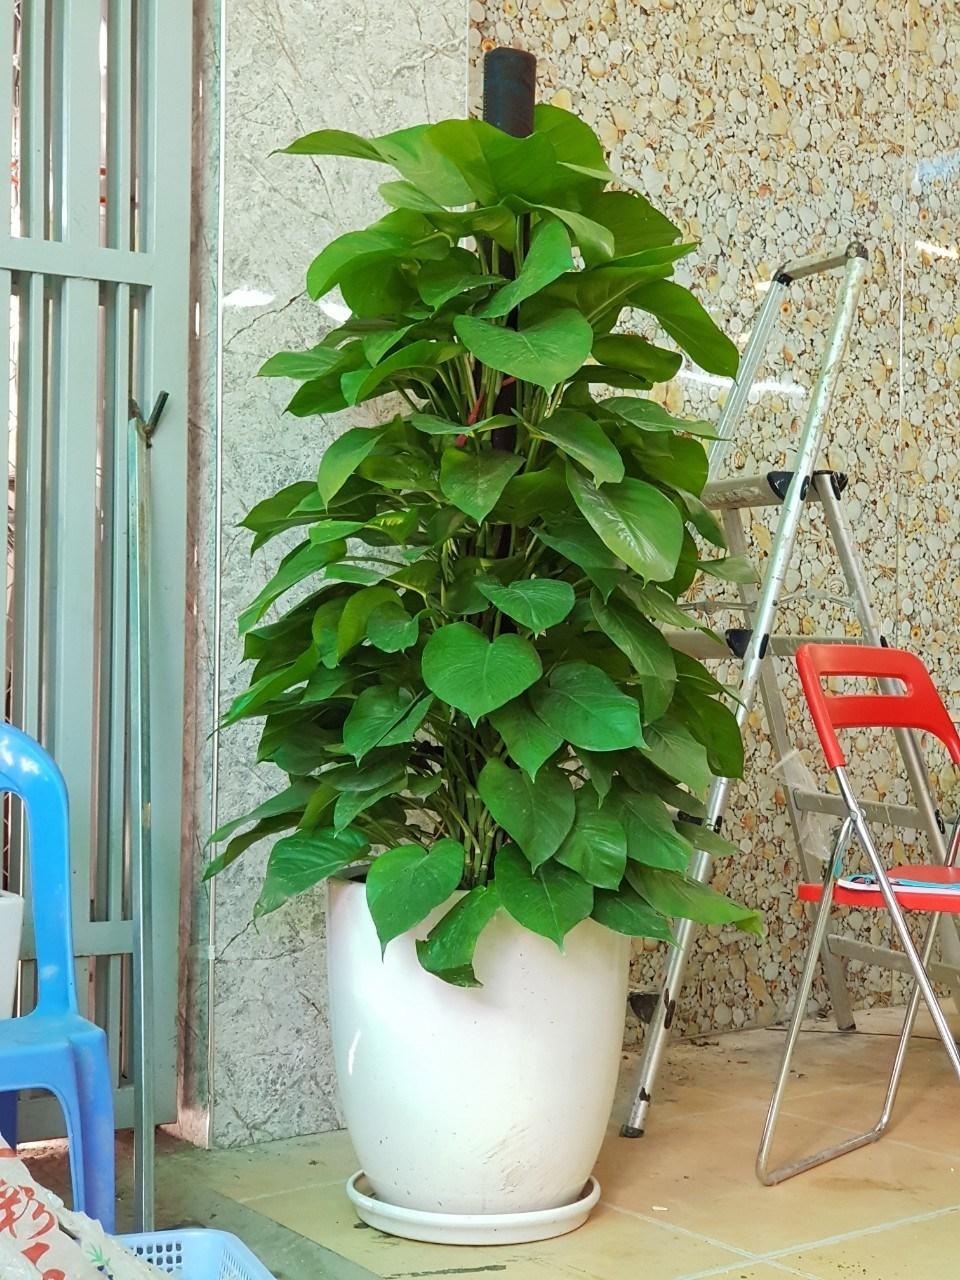 Mẹo nhỏ để có được một cây Trầu Bà tươi đẹp